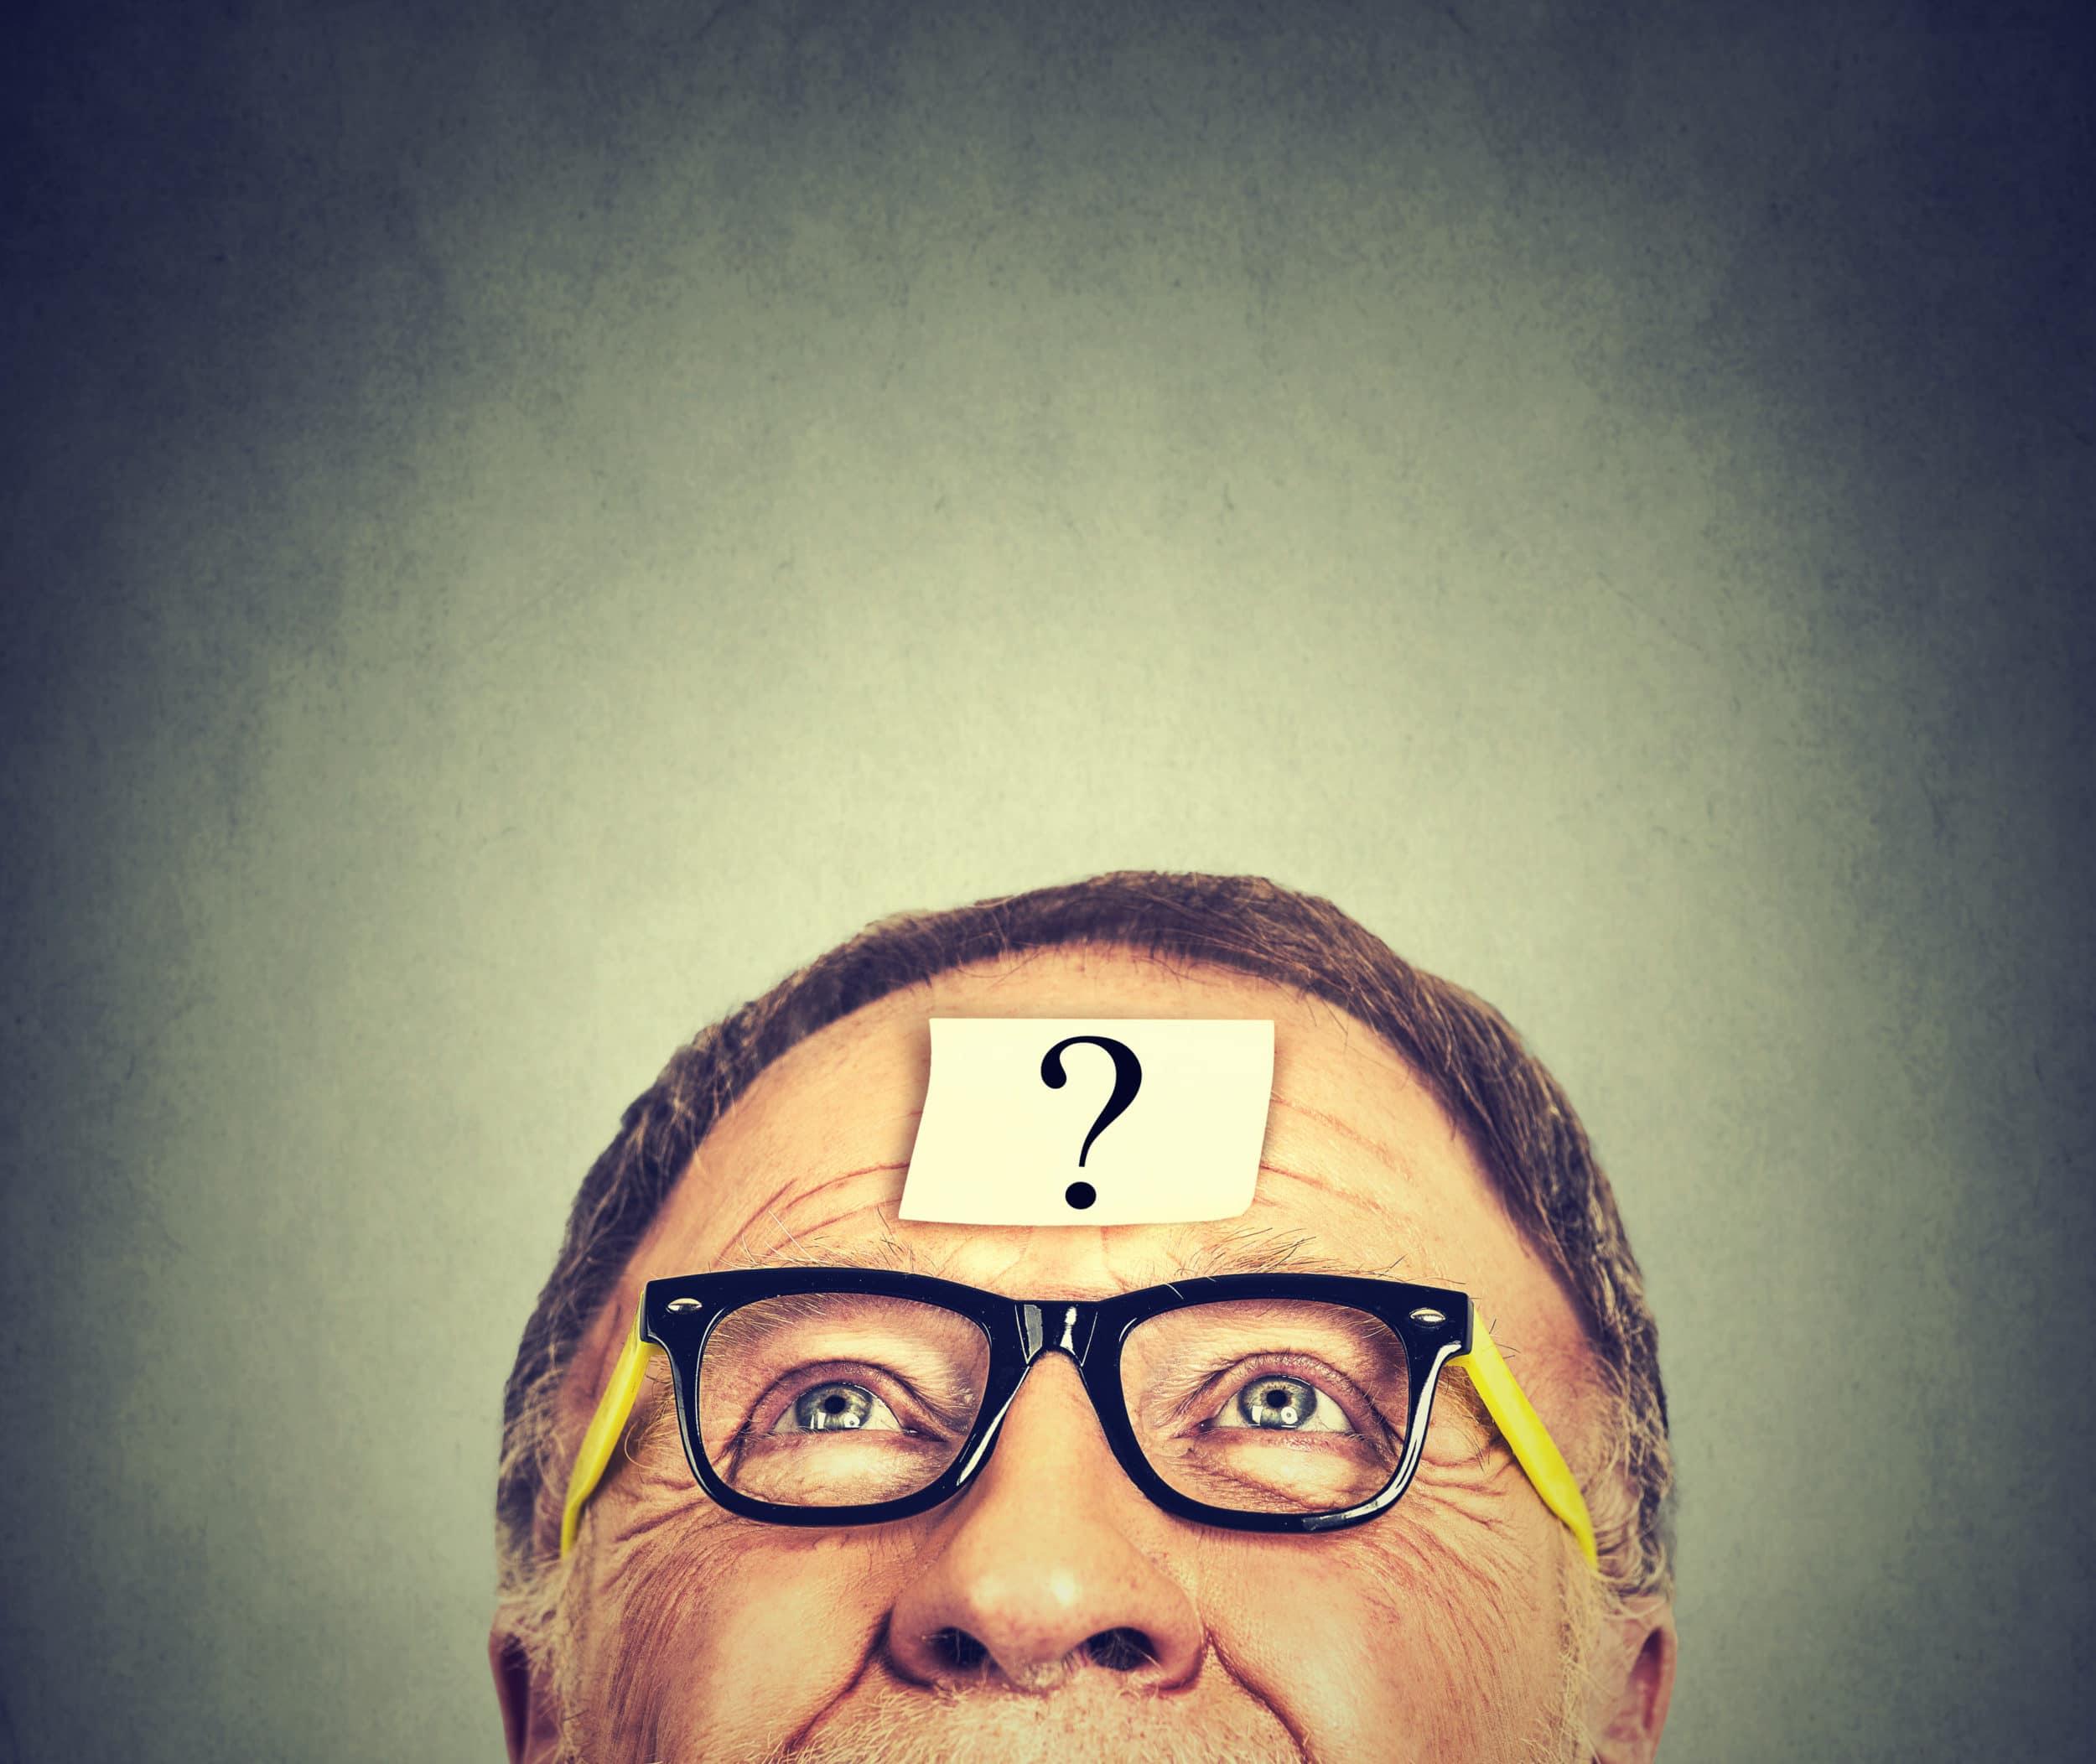 敬老の日と老人の日の違いに関する雑学